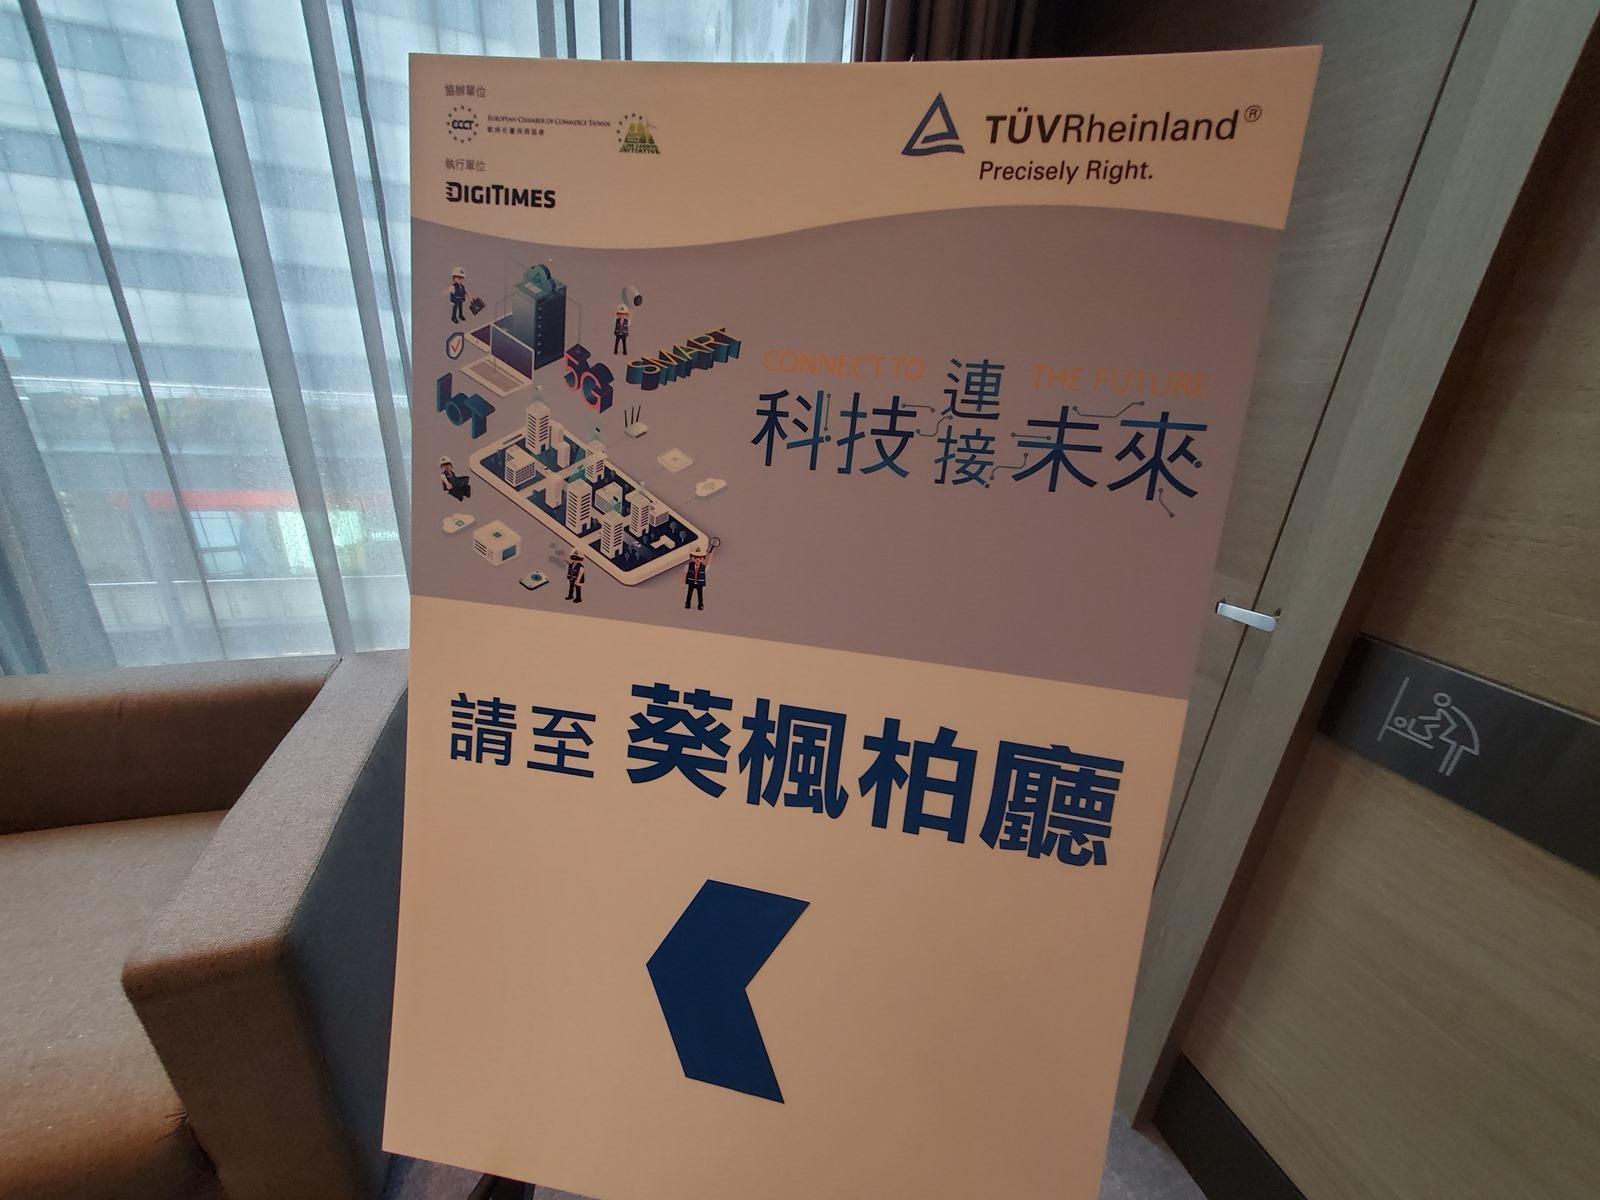 物聯網與 5G 的現在與未來!德國萊因 TÜV Rheinland『科技連接未來』論壇會後報導! @3C 達人廖阿輝